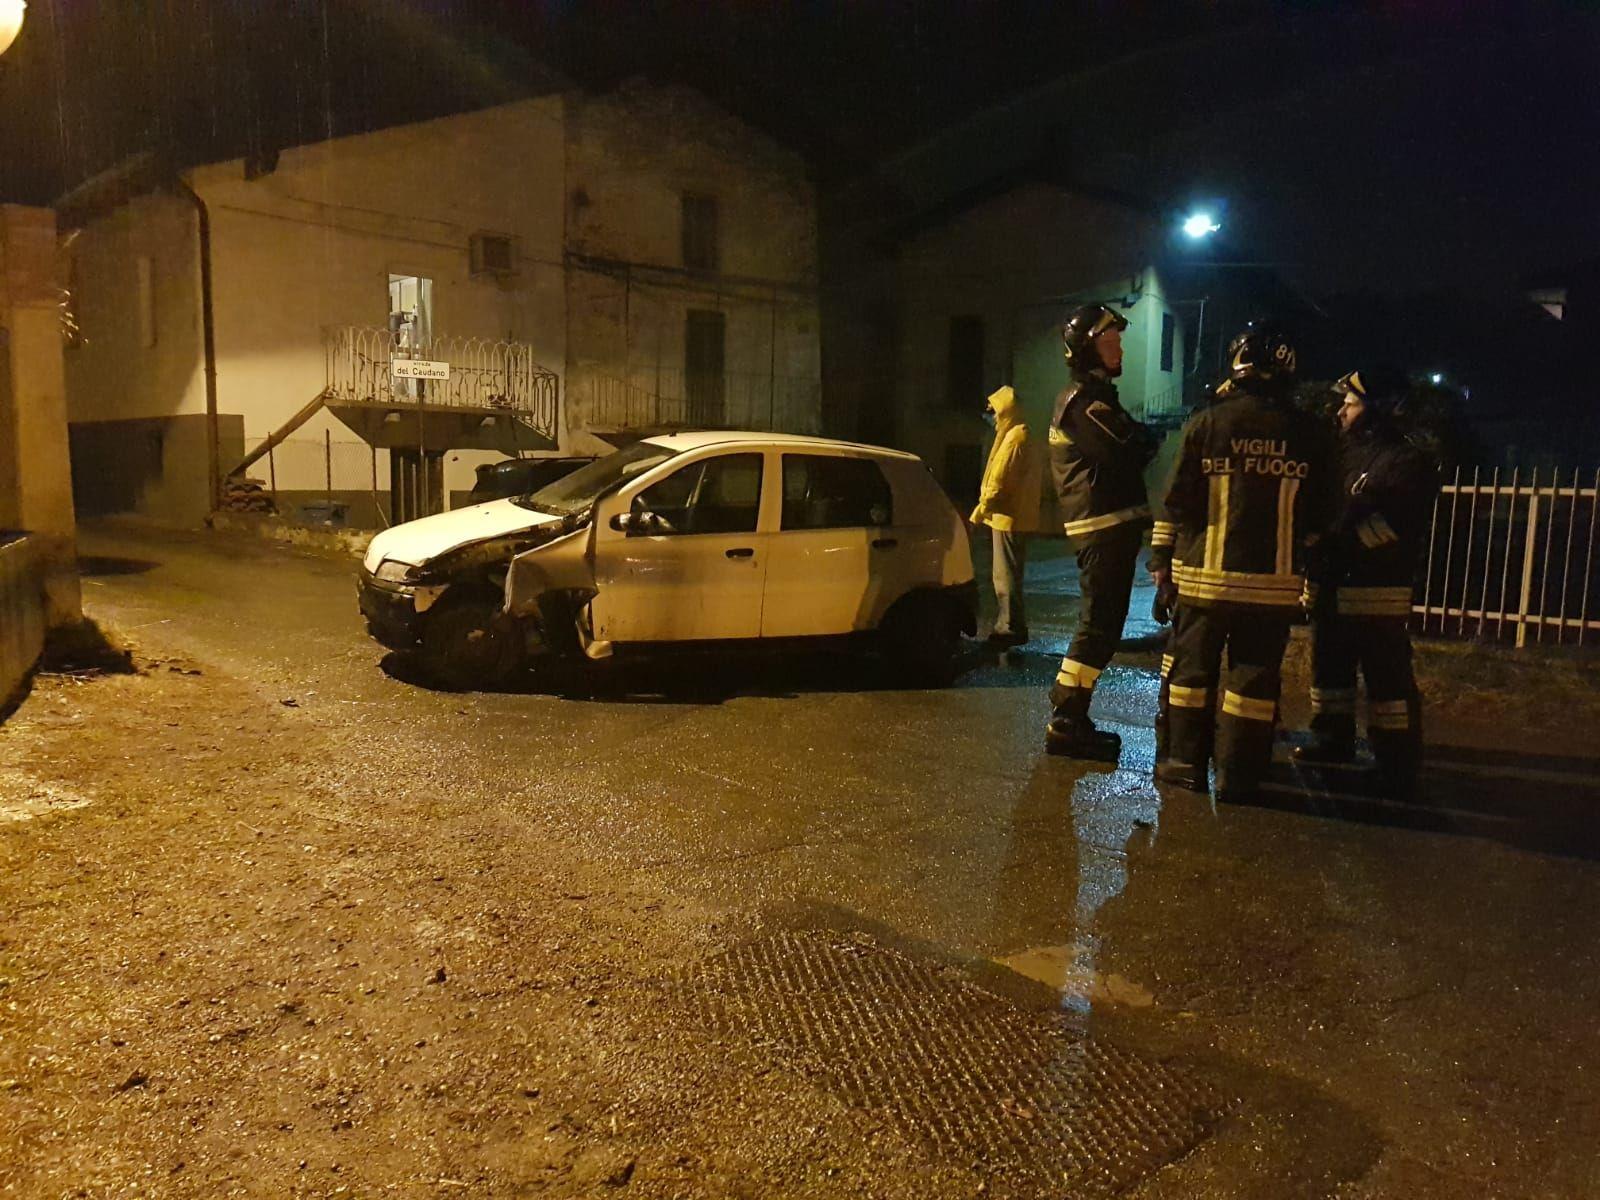 CUORGNE' - Incidente, ferito un automobilista di Priacco - FOTO